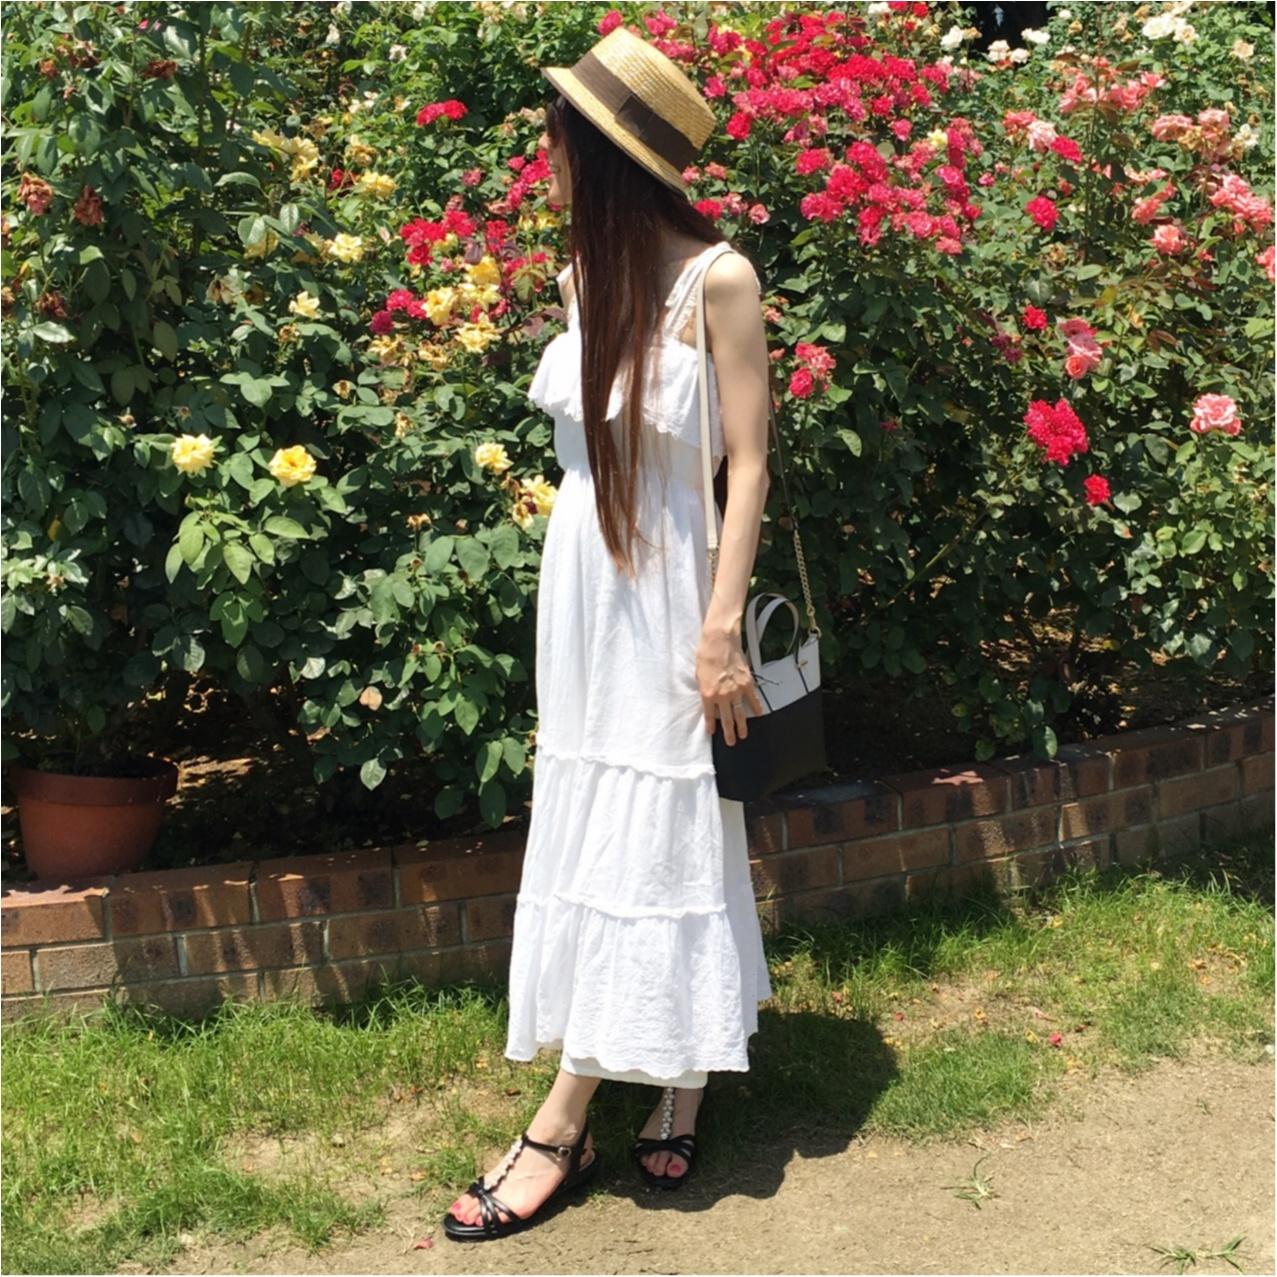 夏コーデの主役は《 ホワイト 》で決まり♡マキシワンピースで爽やかオシャレに♡_1